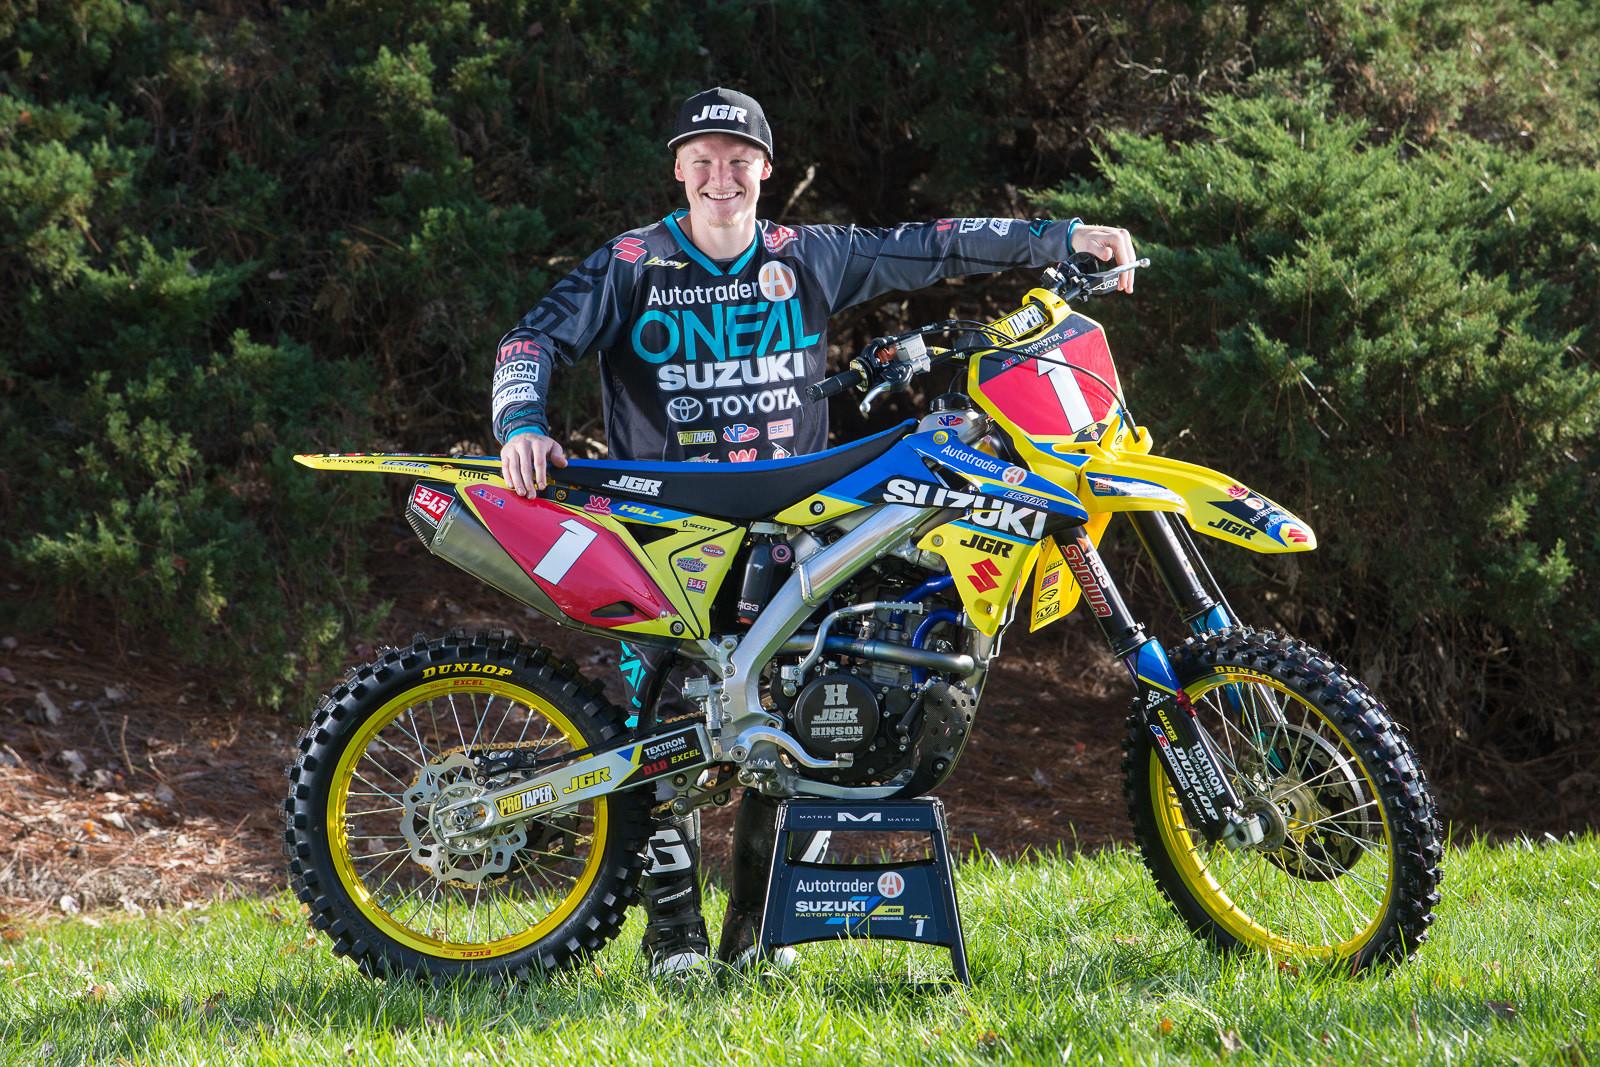 Mcn's Michael Neeves Prepares For Phillip Island Classic With Team Classic Suzuki